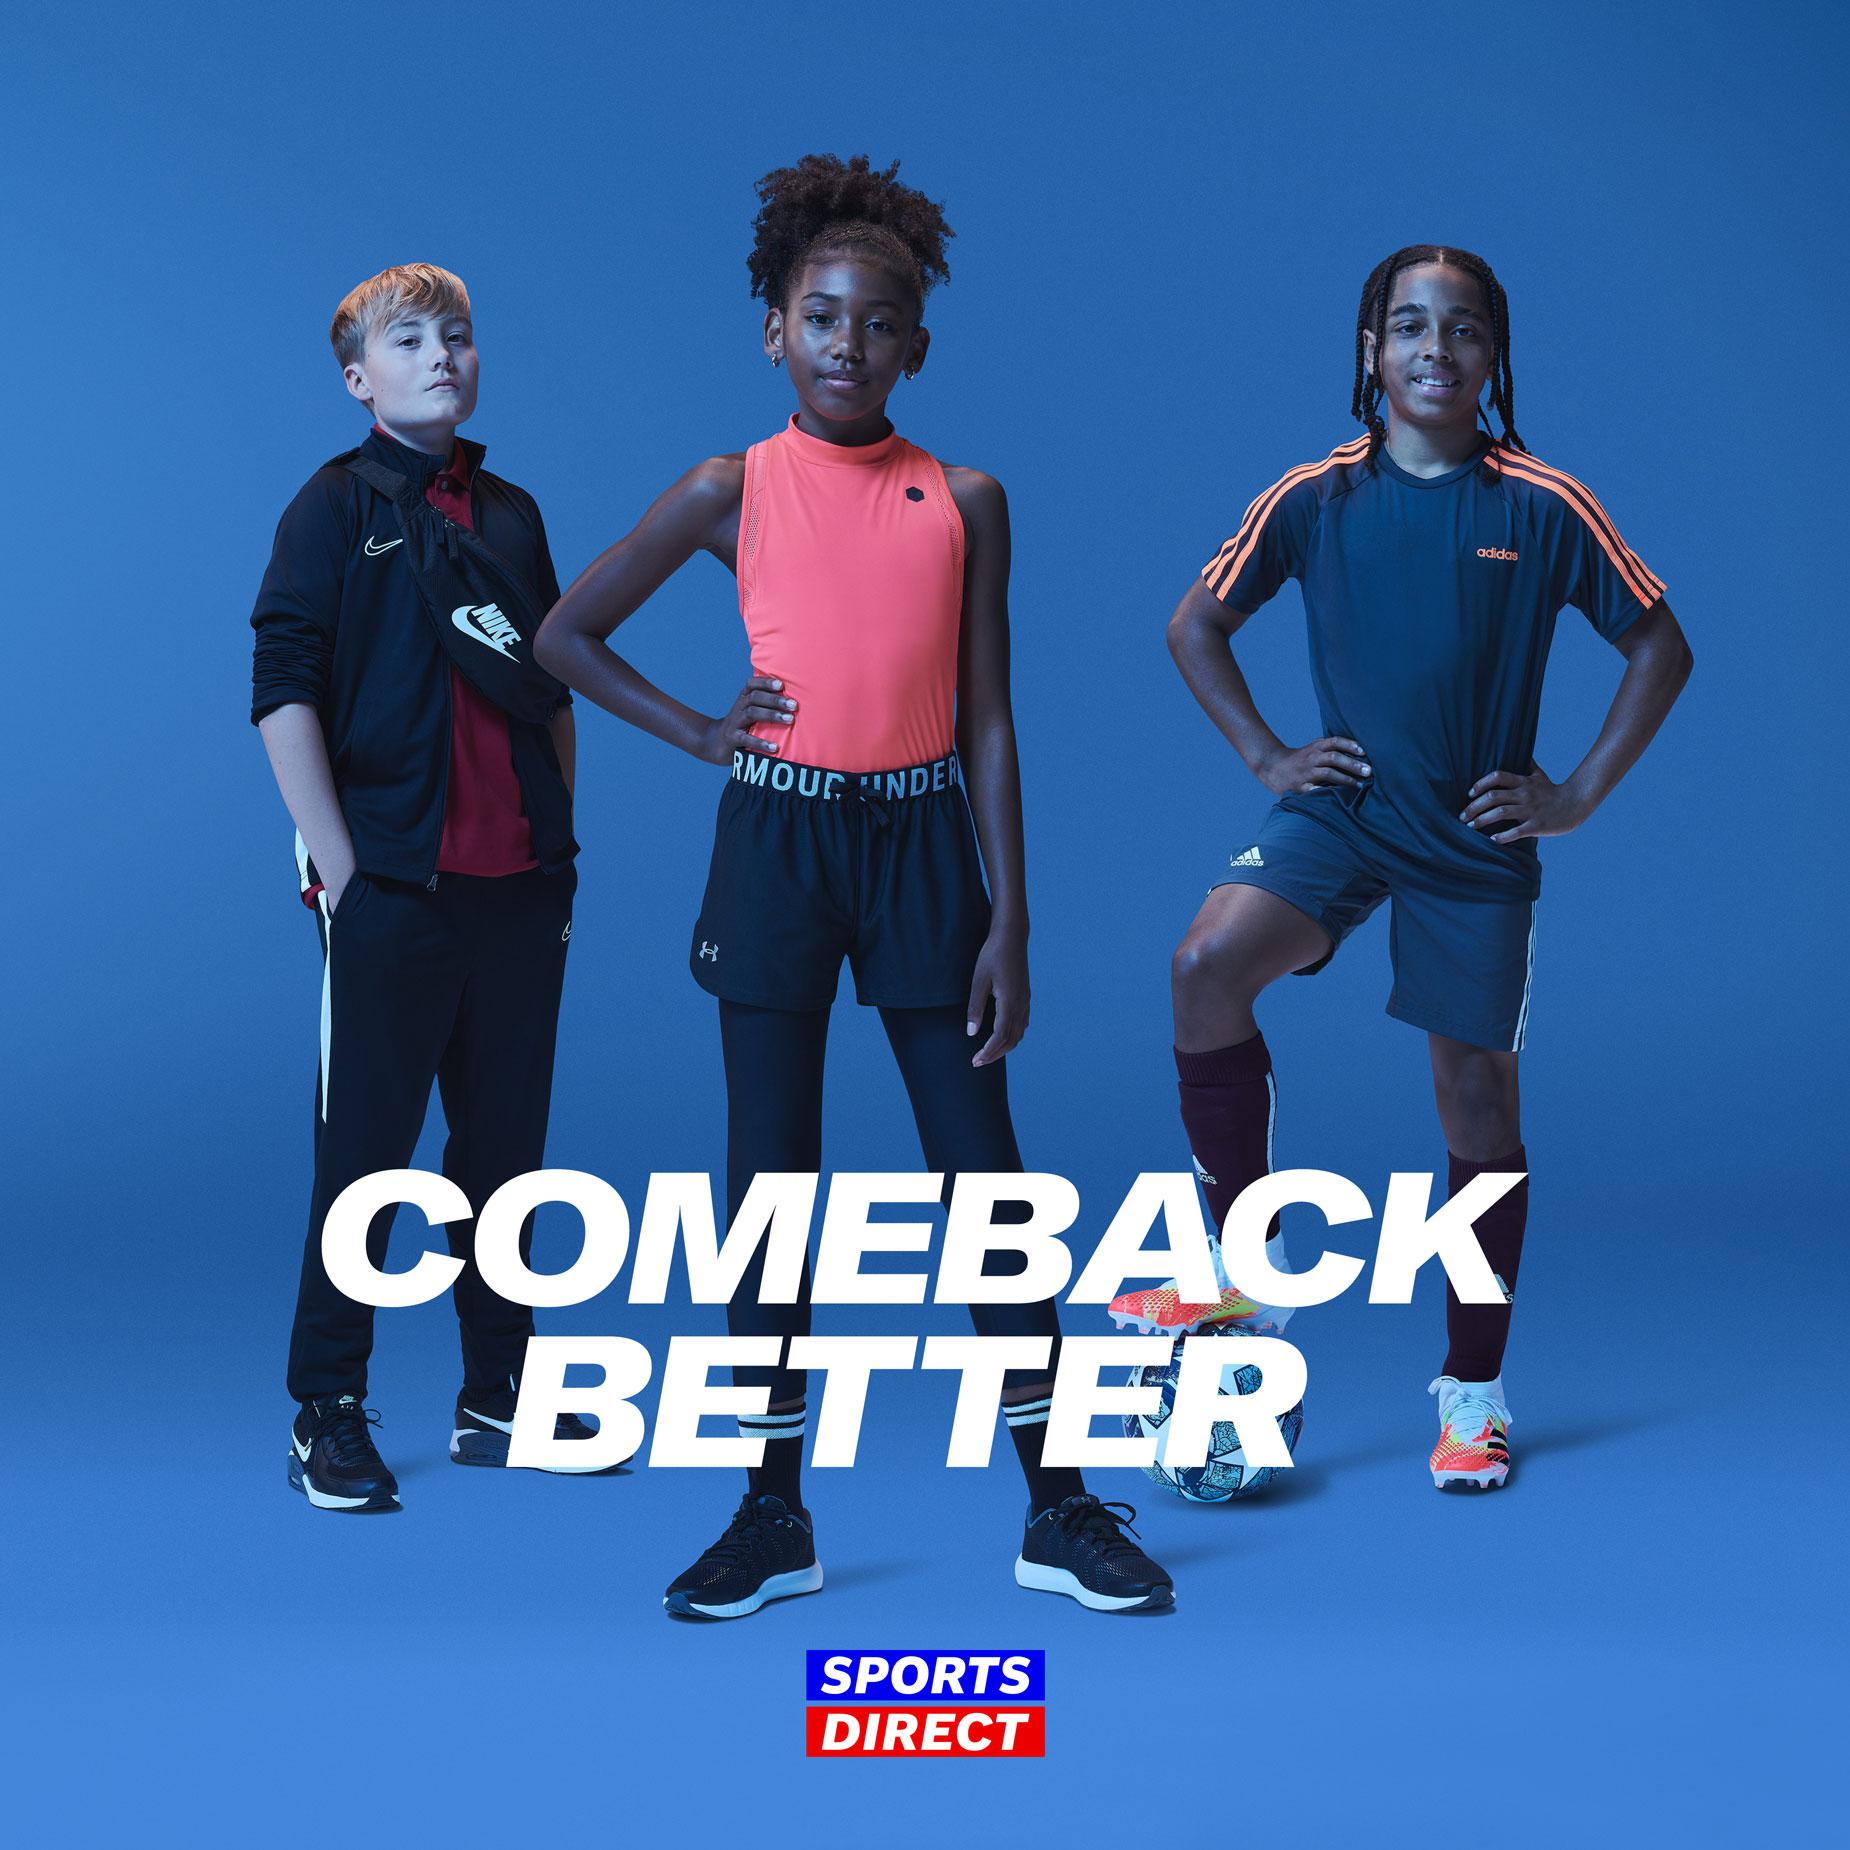 SD-Comeback-Better—Social-Square15